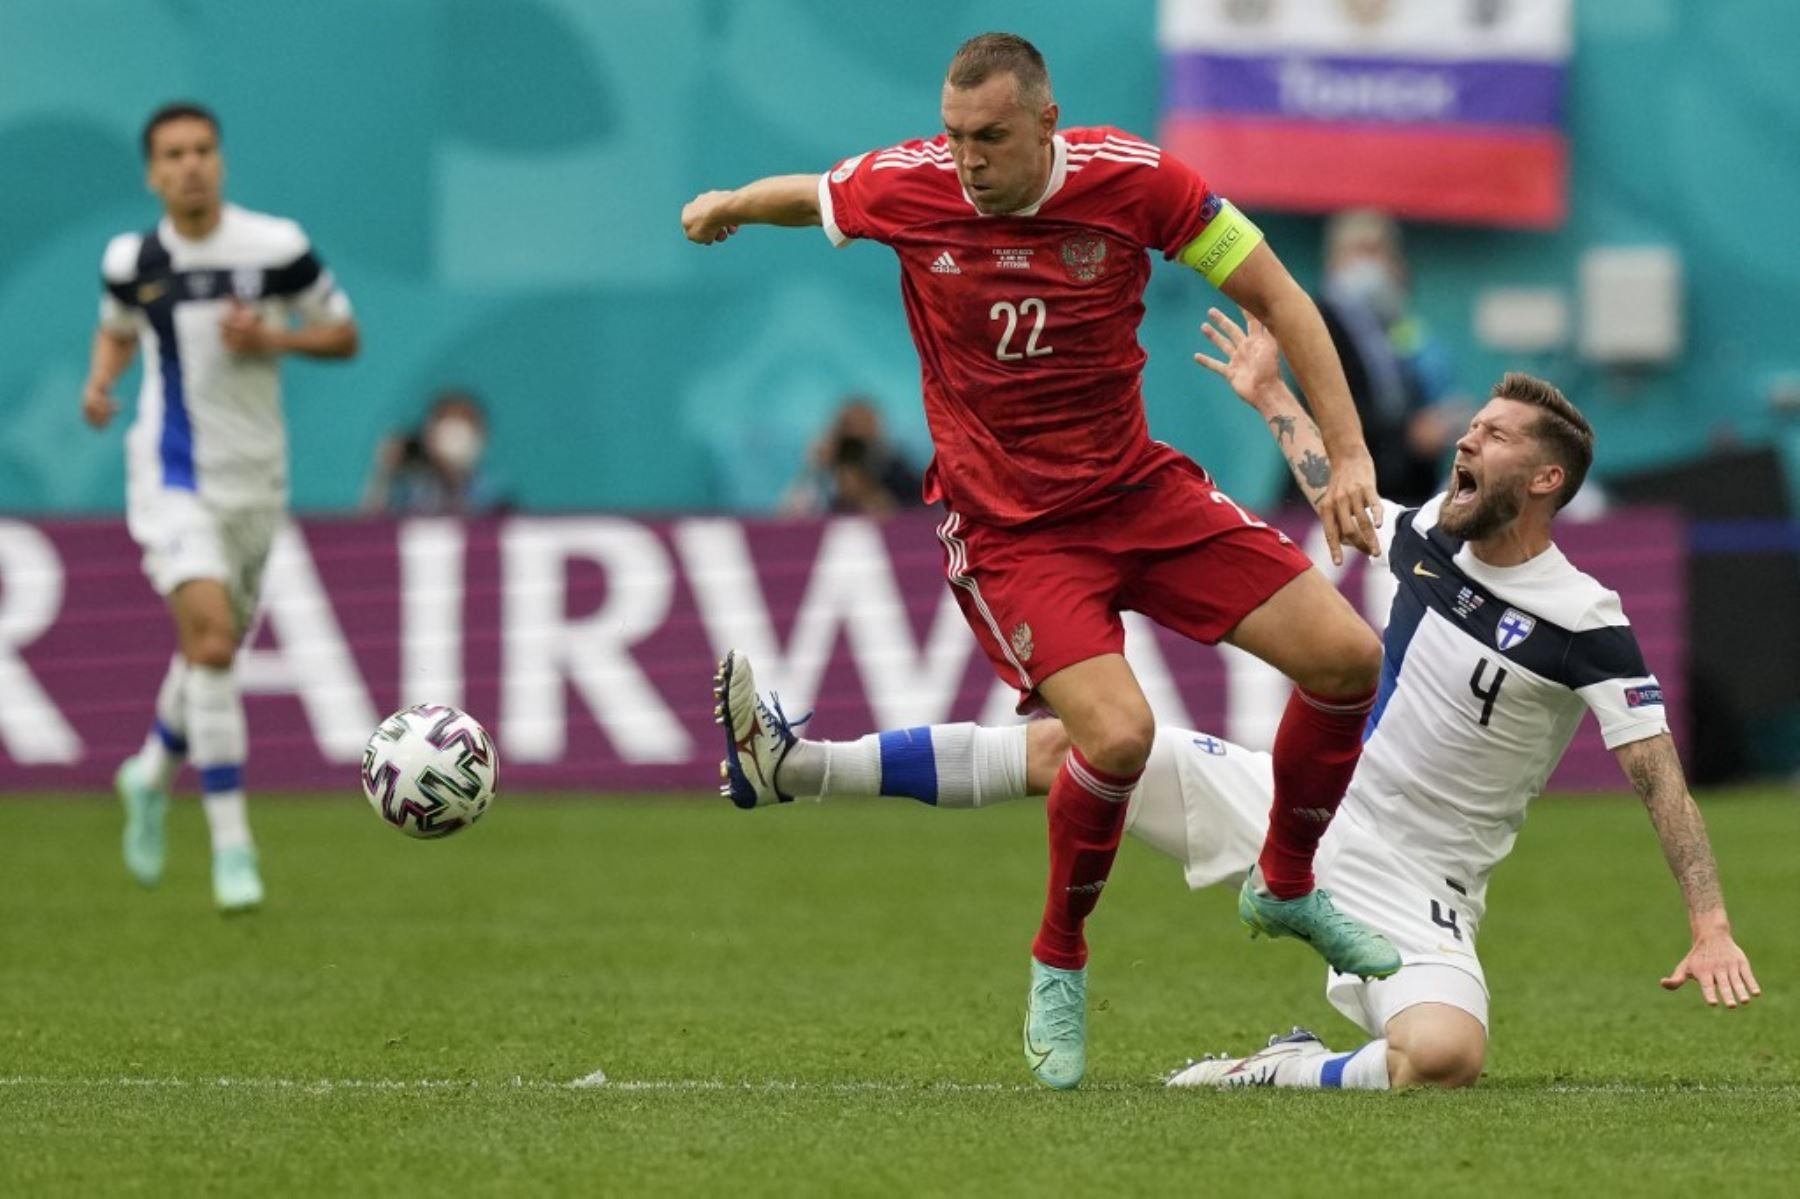 El defensor de Finlandia Joona Toivio (derecha) cae después de un desafío del delantero ruso Artem Dzyuba durante el partido de fútbol del Grupo B de la UEFA EURO 2020 entre Finlandia y Rusia en el Estadio de San Petersburgo en San Petersburgo el 16 de junio de 2021. Foto: AFP